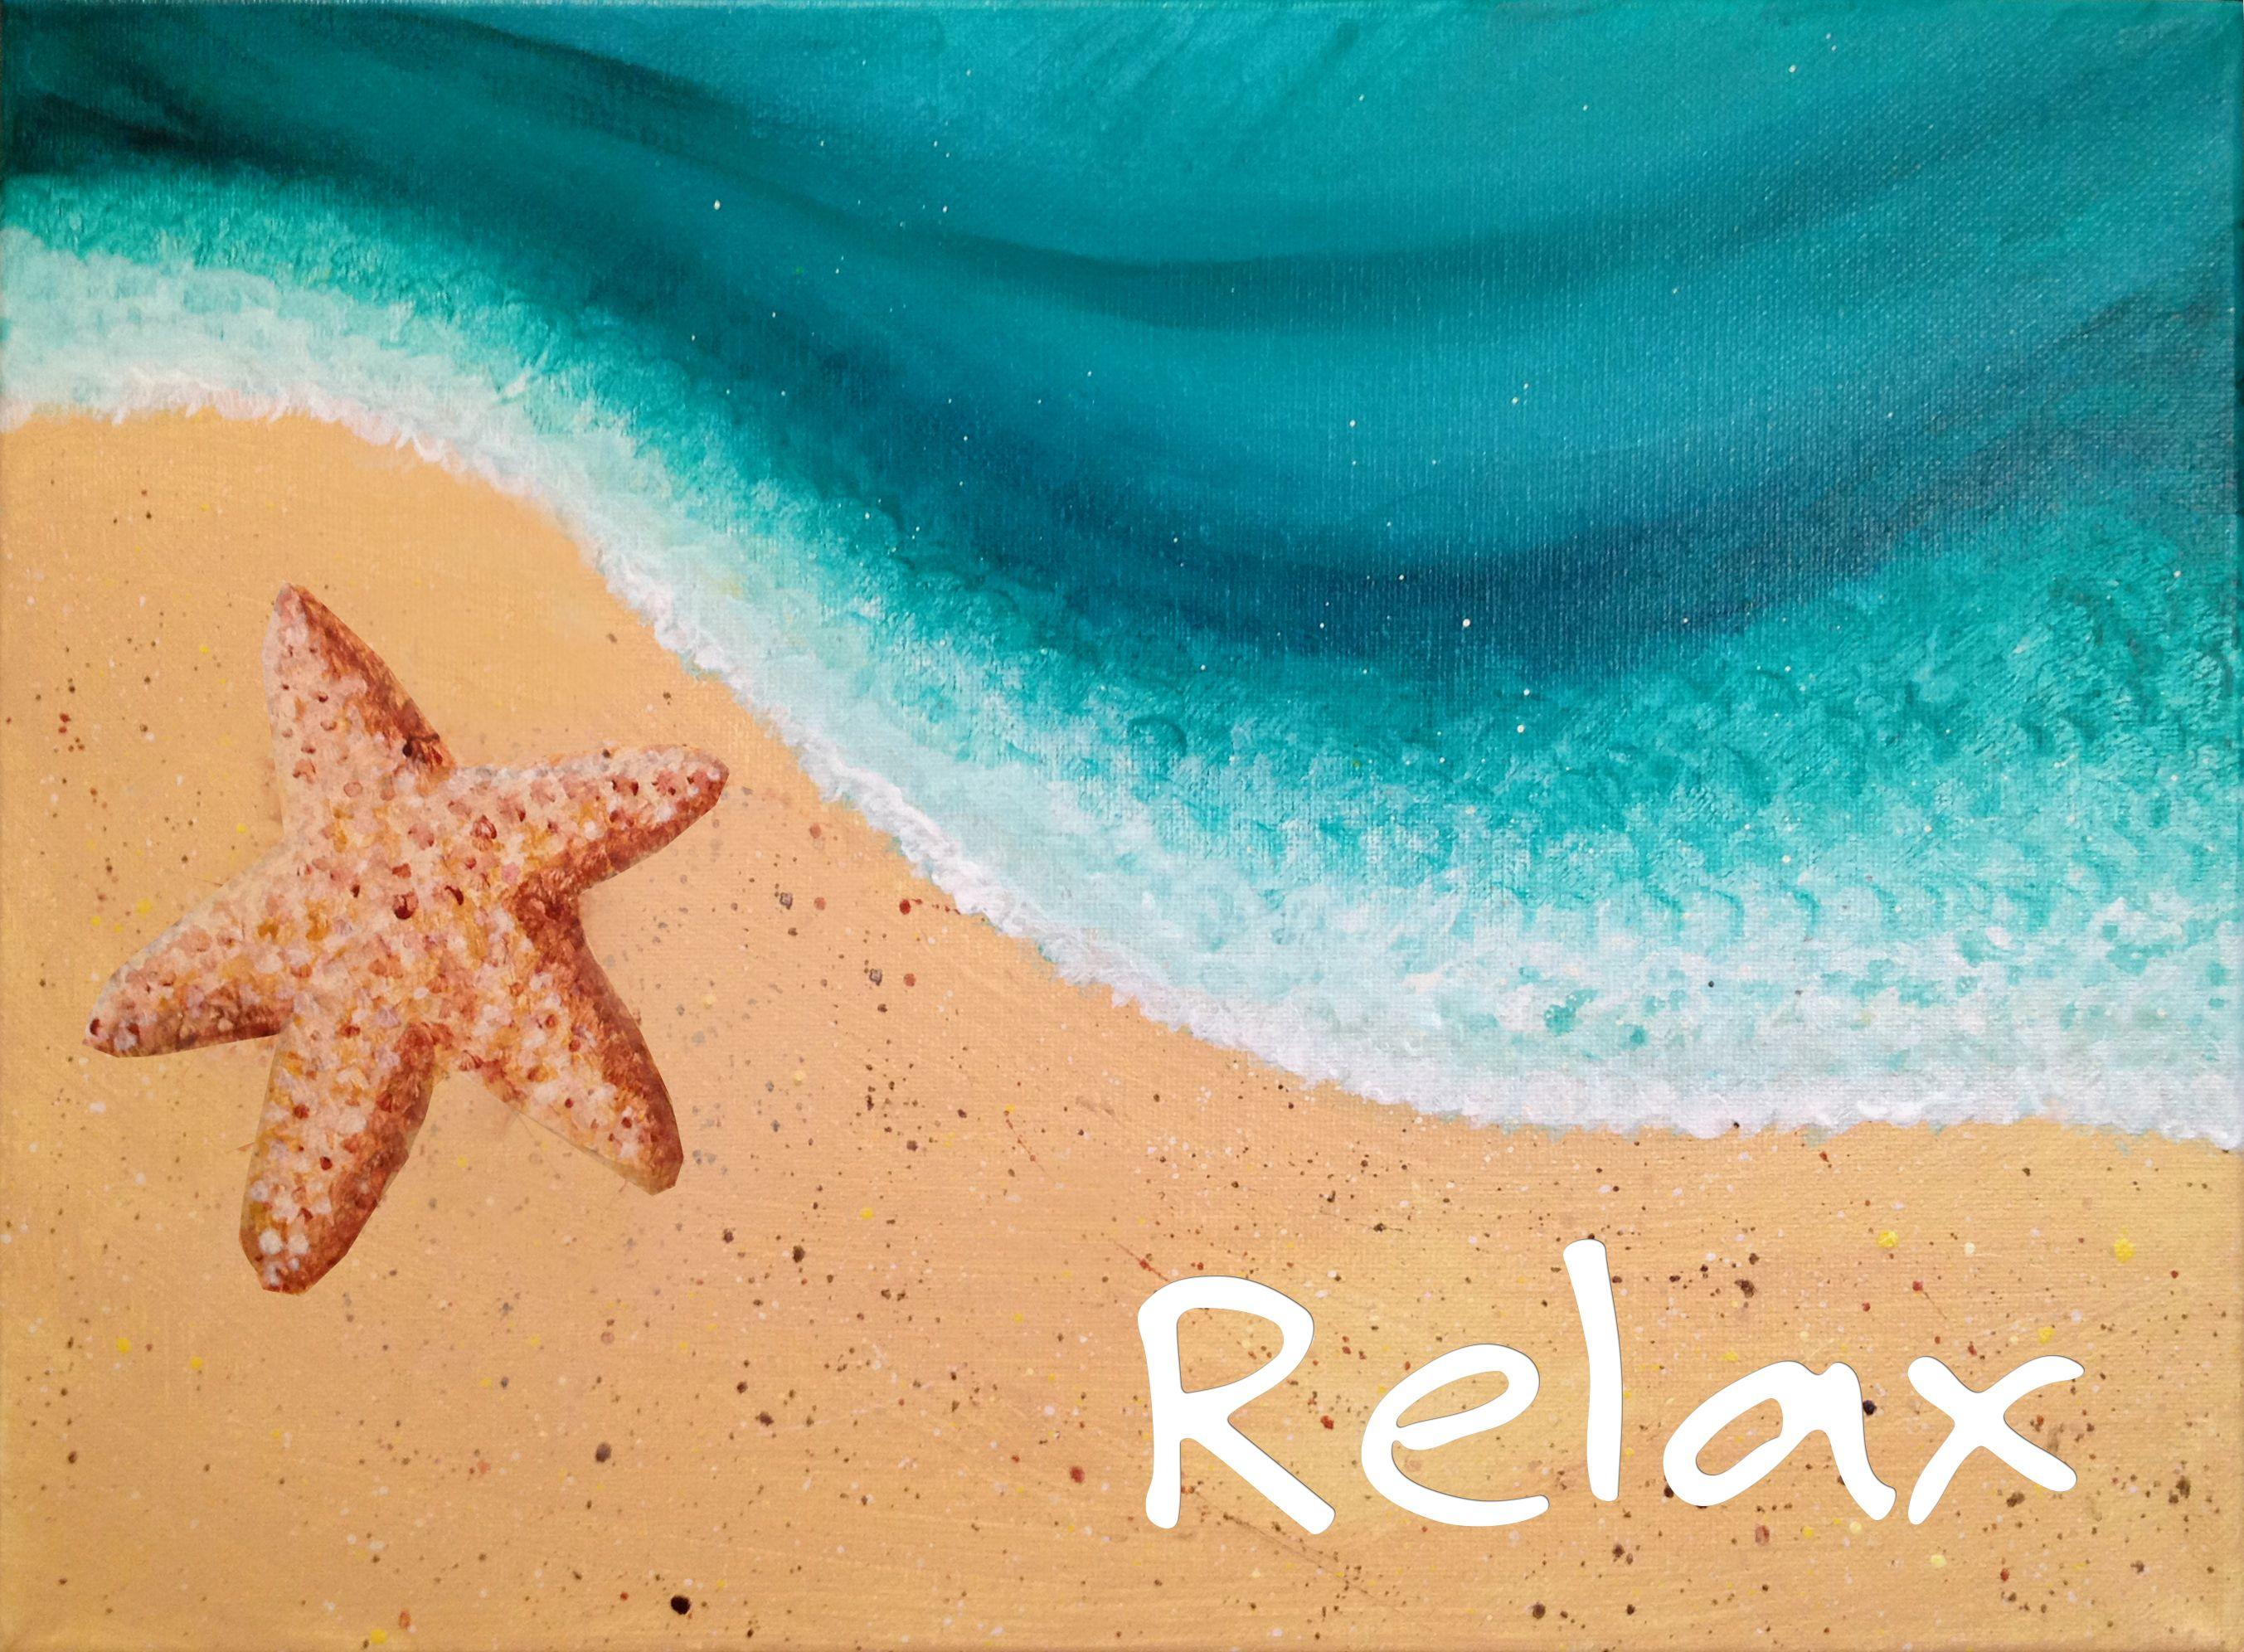 Starfish2 Jpg 2706 1992 With Images Beach Painting Beach